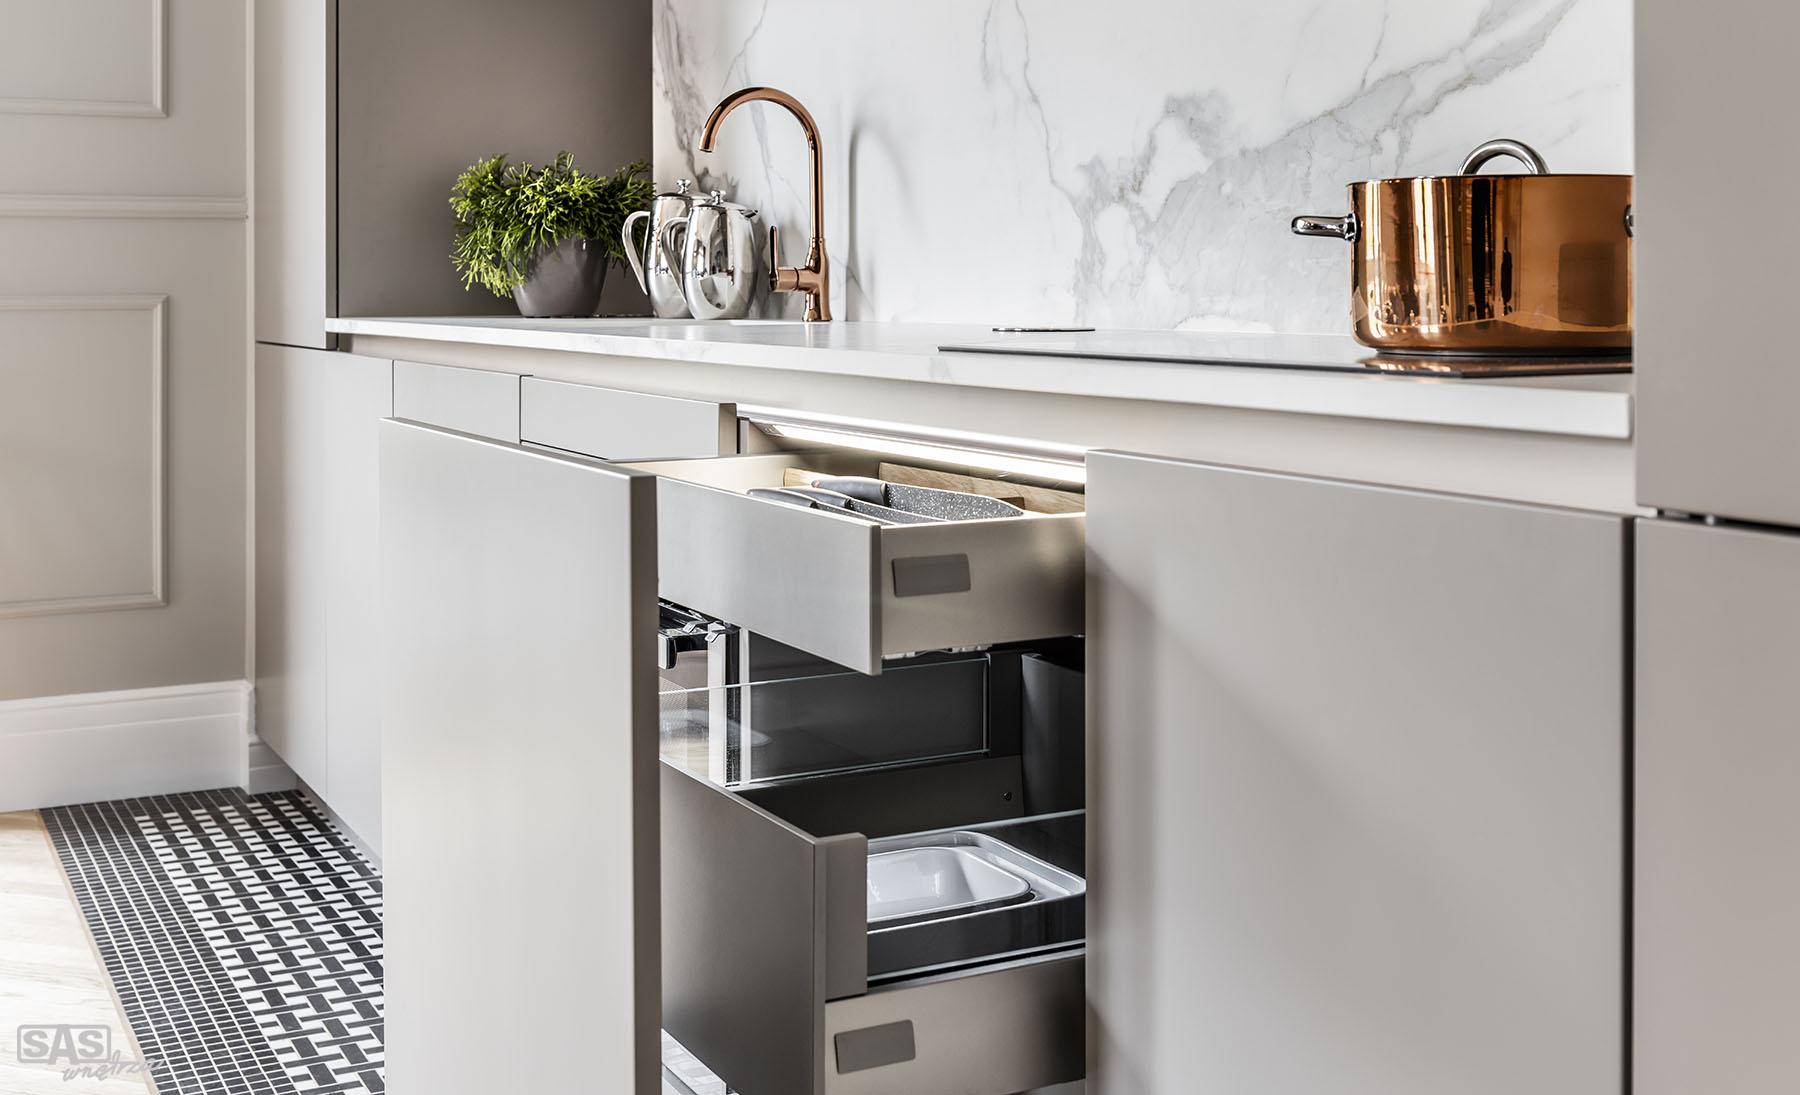 Meble kuchenne niemiecka jakość - kuchnie w ofercie firmy SAS Wnętrza i Kuchnie